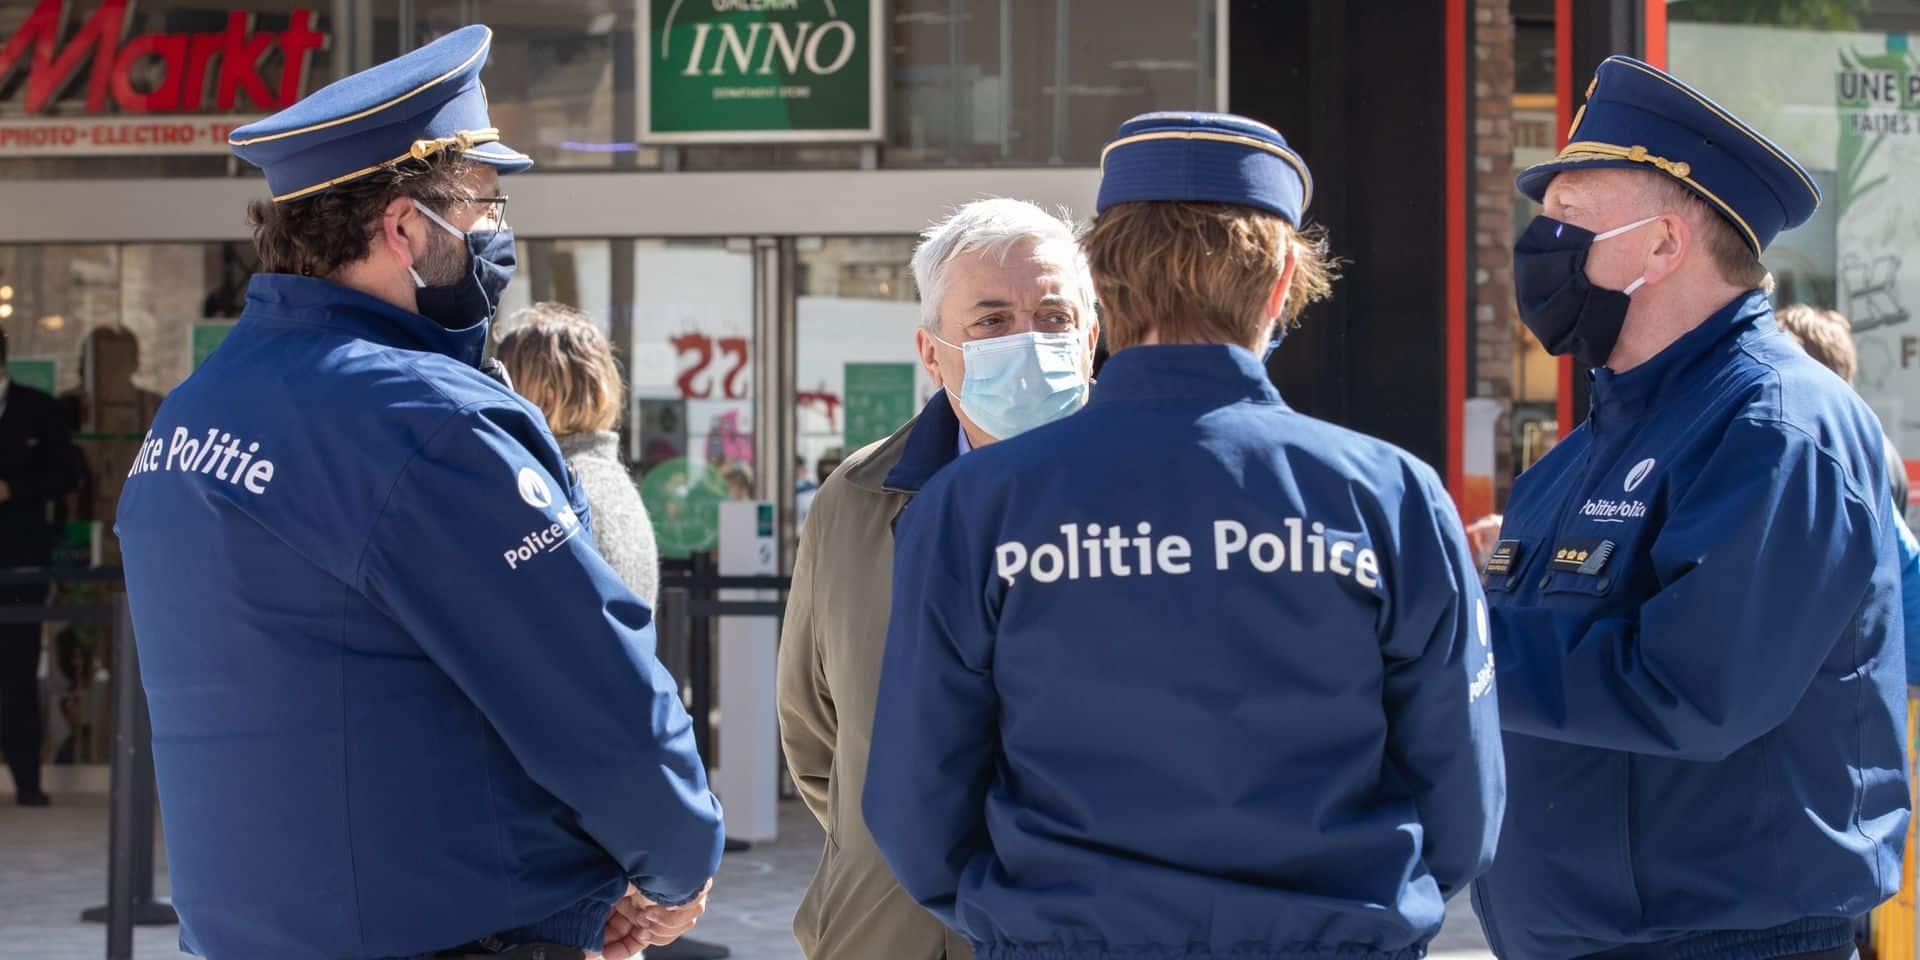 Une trentaine de Bruxellois verbalisés pour non respect des règles de confinement